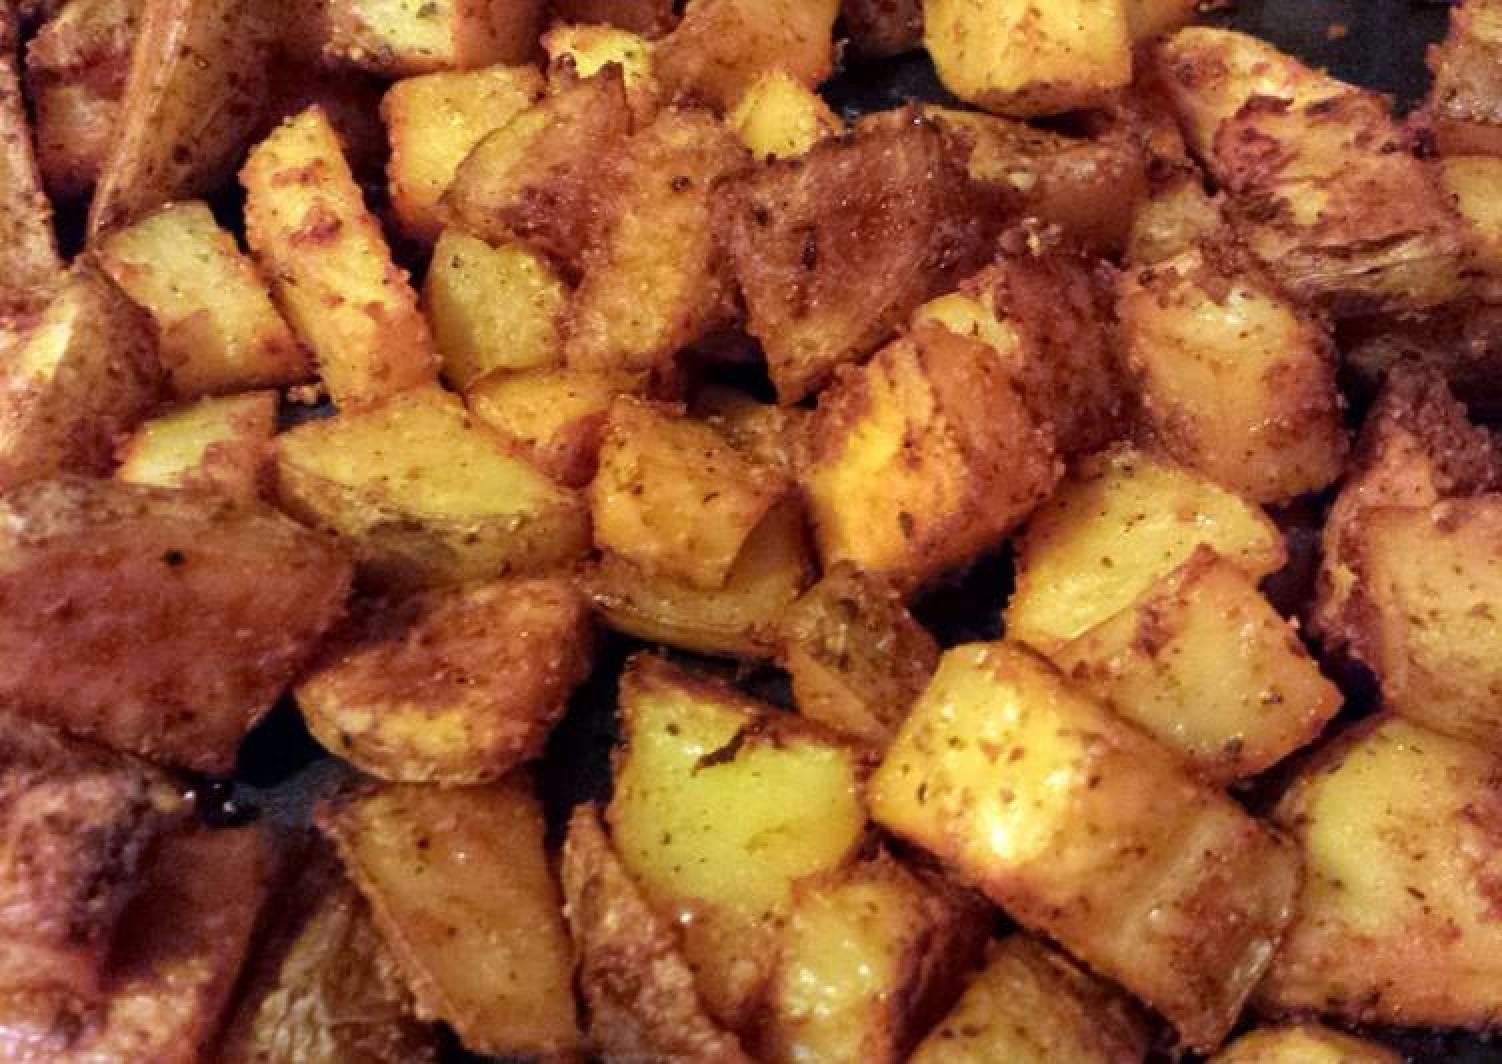 Elisa's Baked Seasoned Potatoes